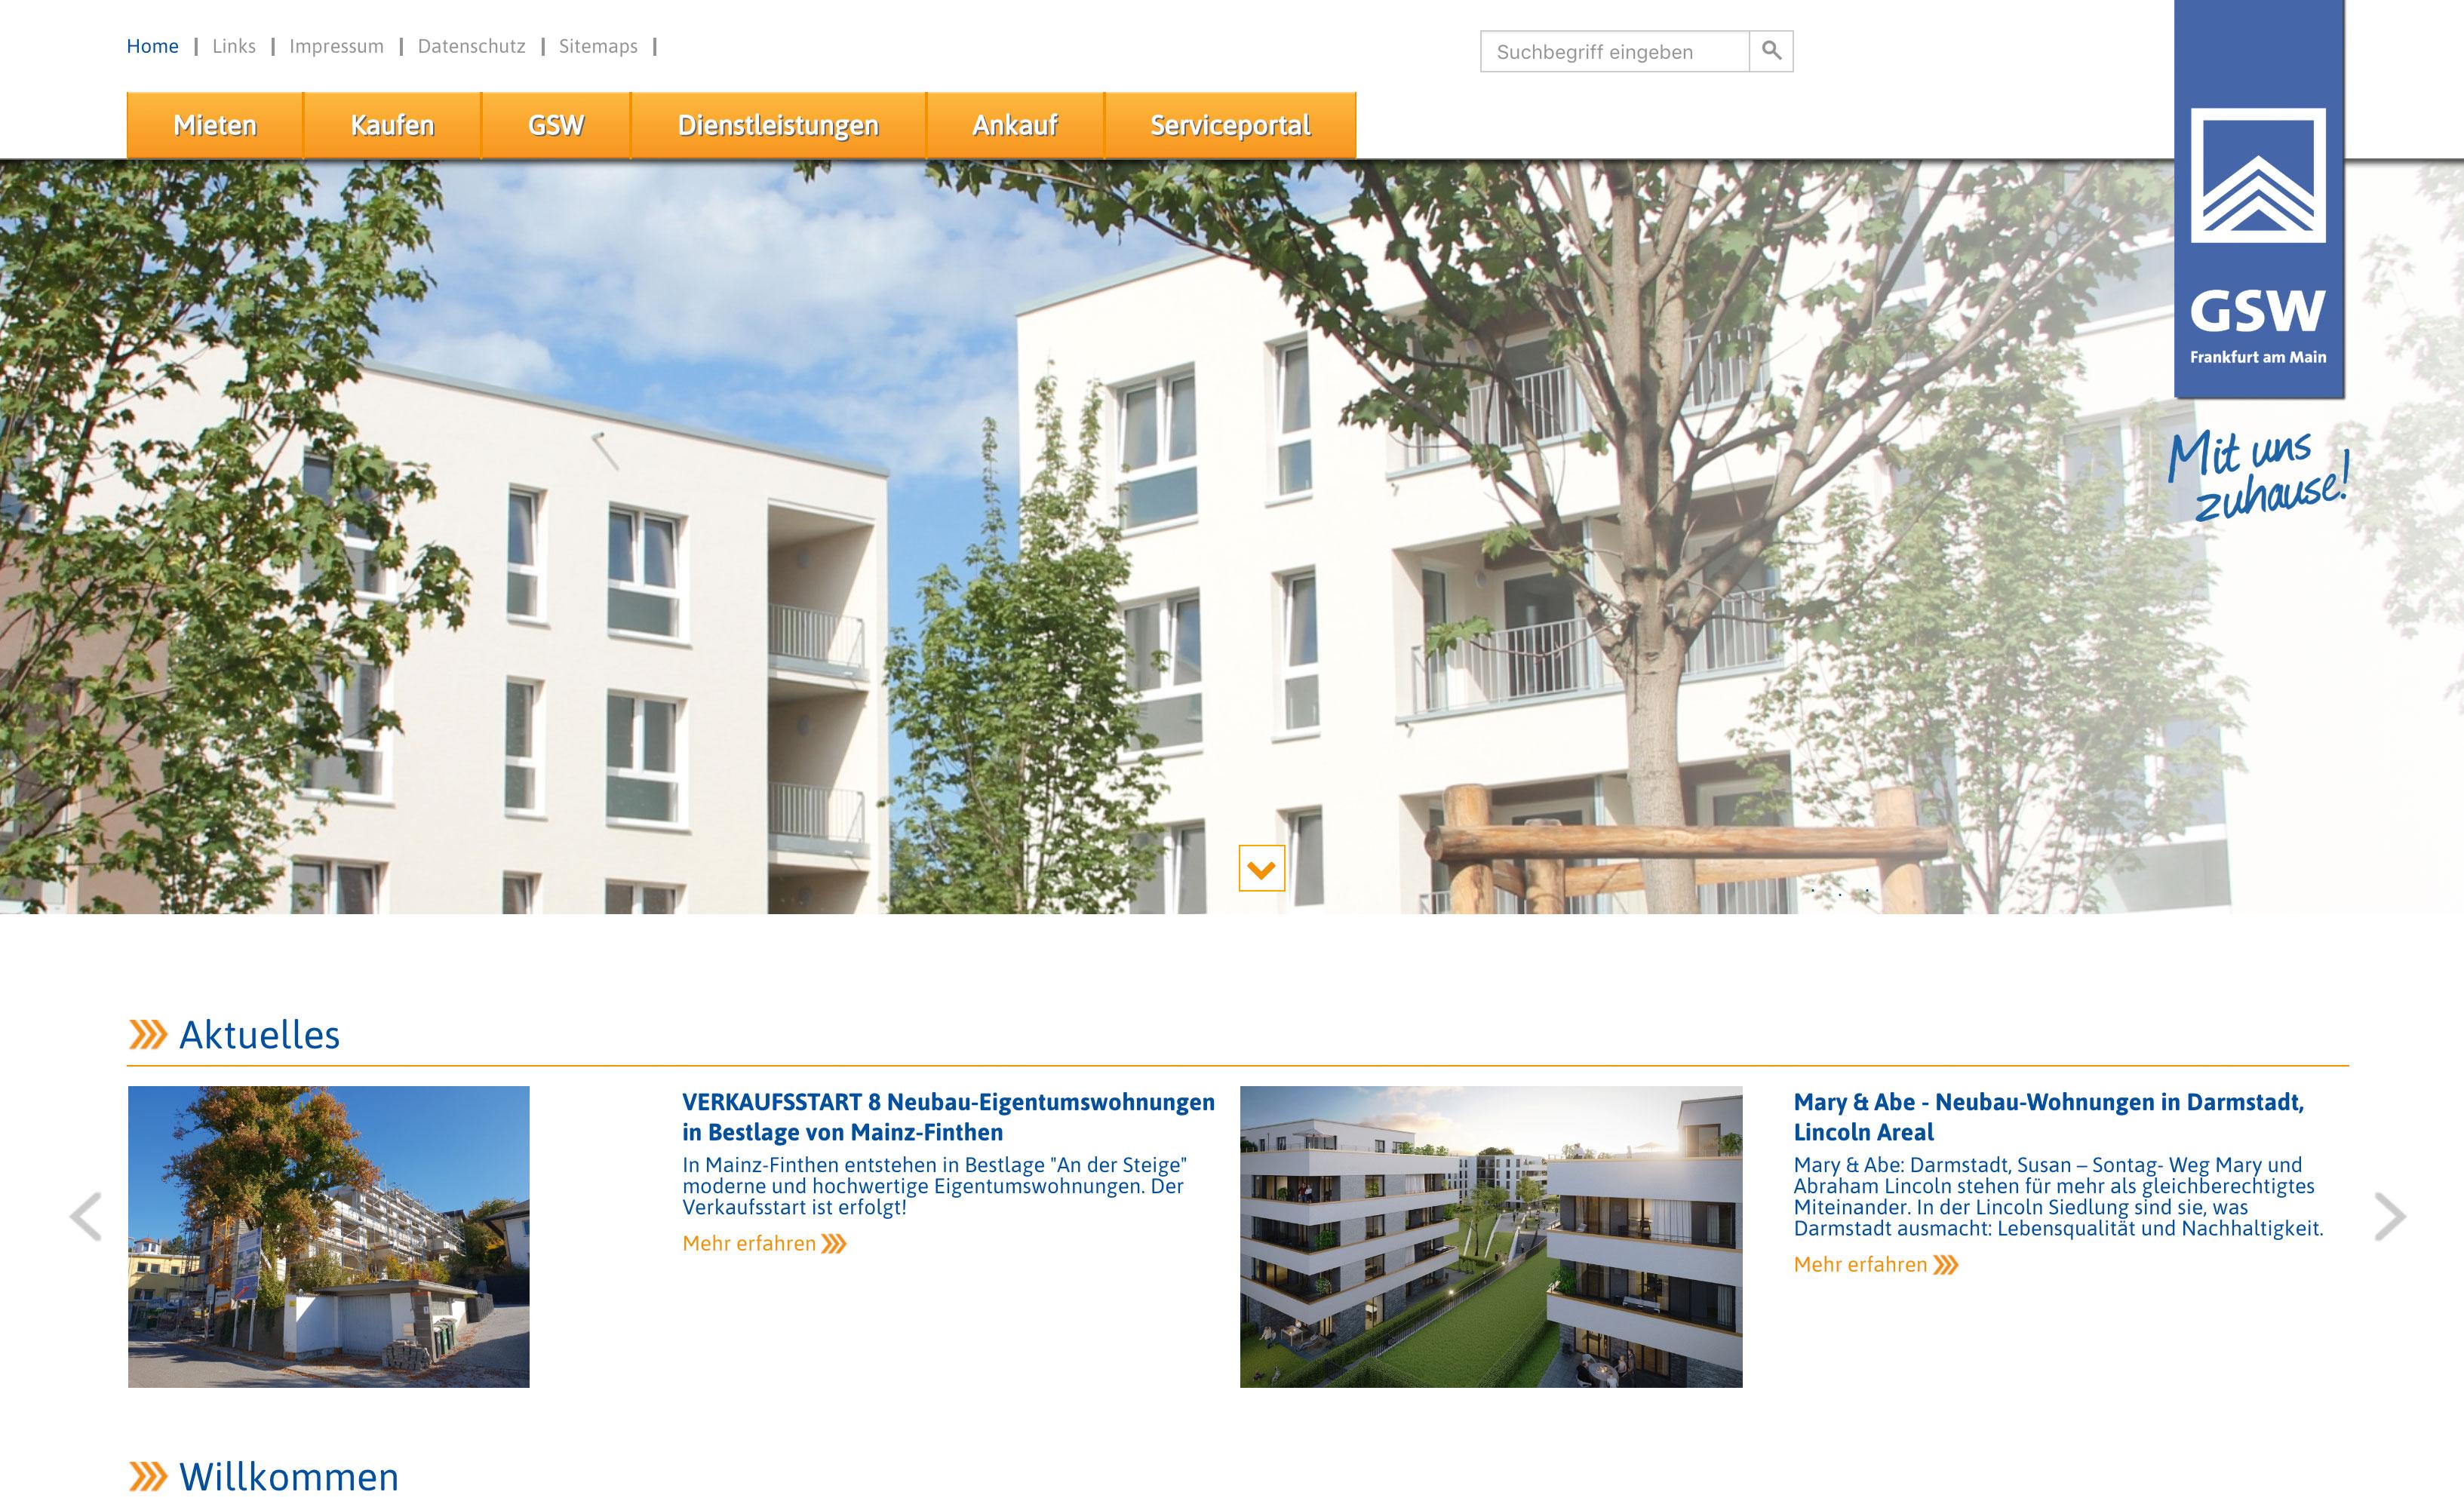 GSW Gemeinnütziges Siedlungswerk GmbH, Frankfurt